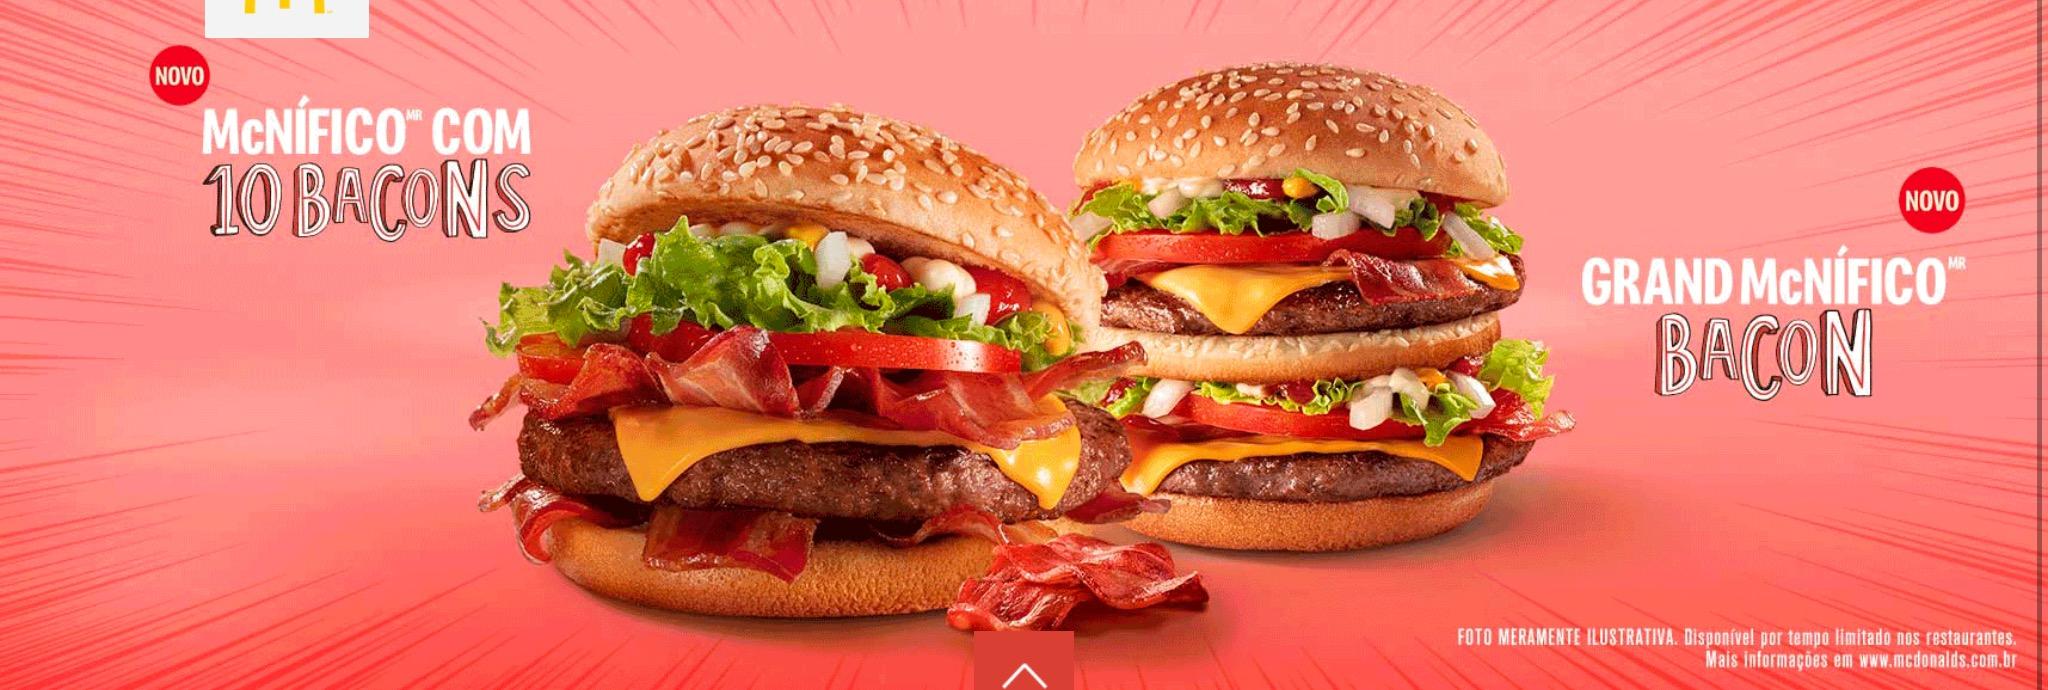 Grand McNifico Bacon - McDonald's Brazil